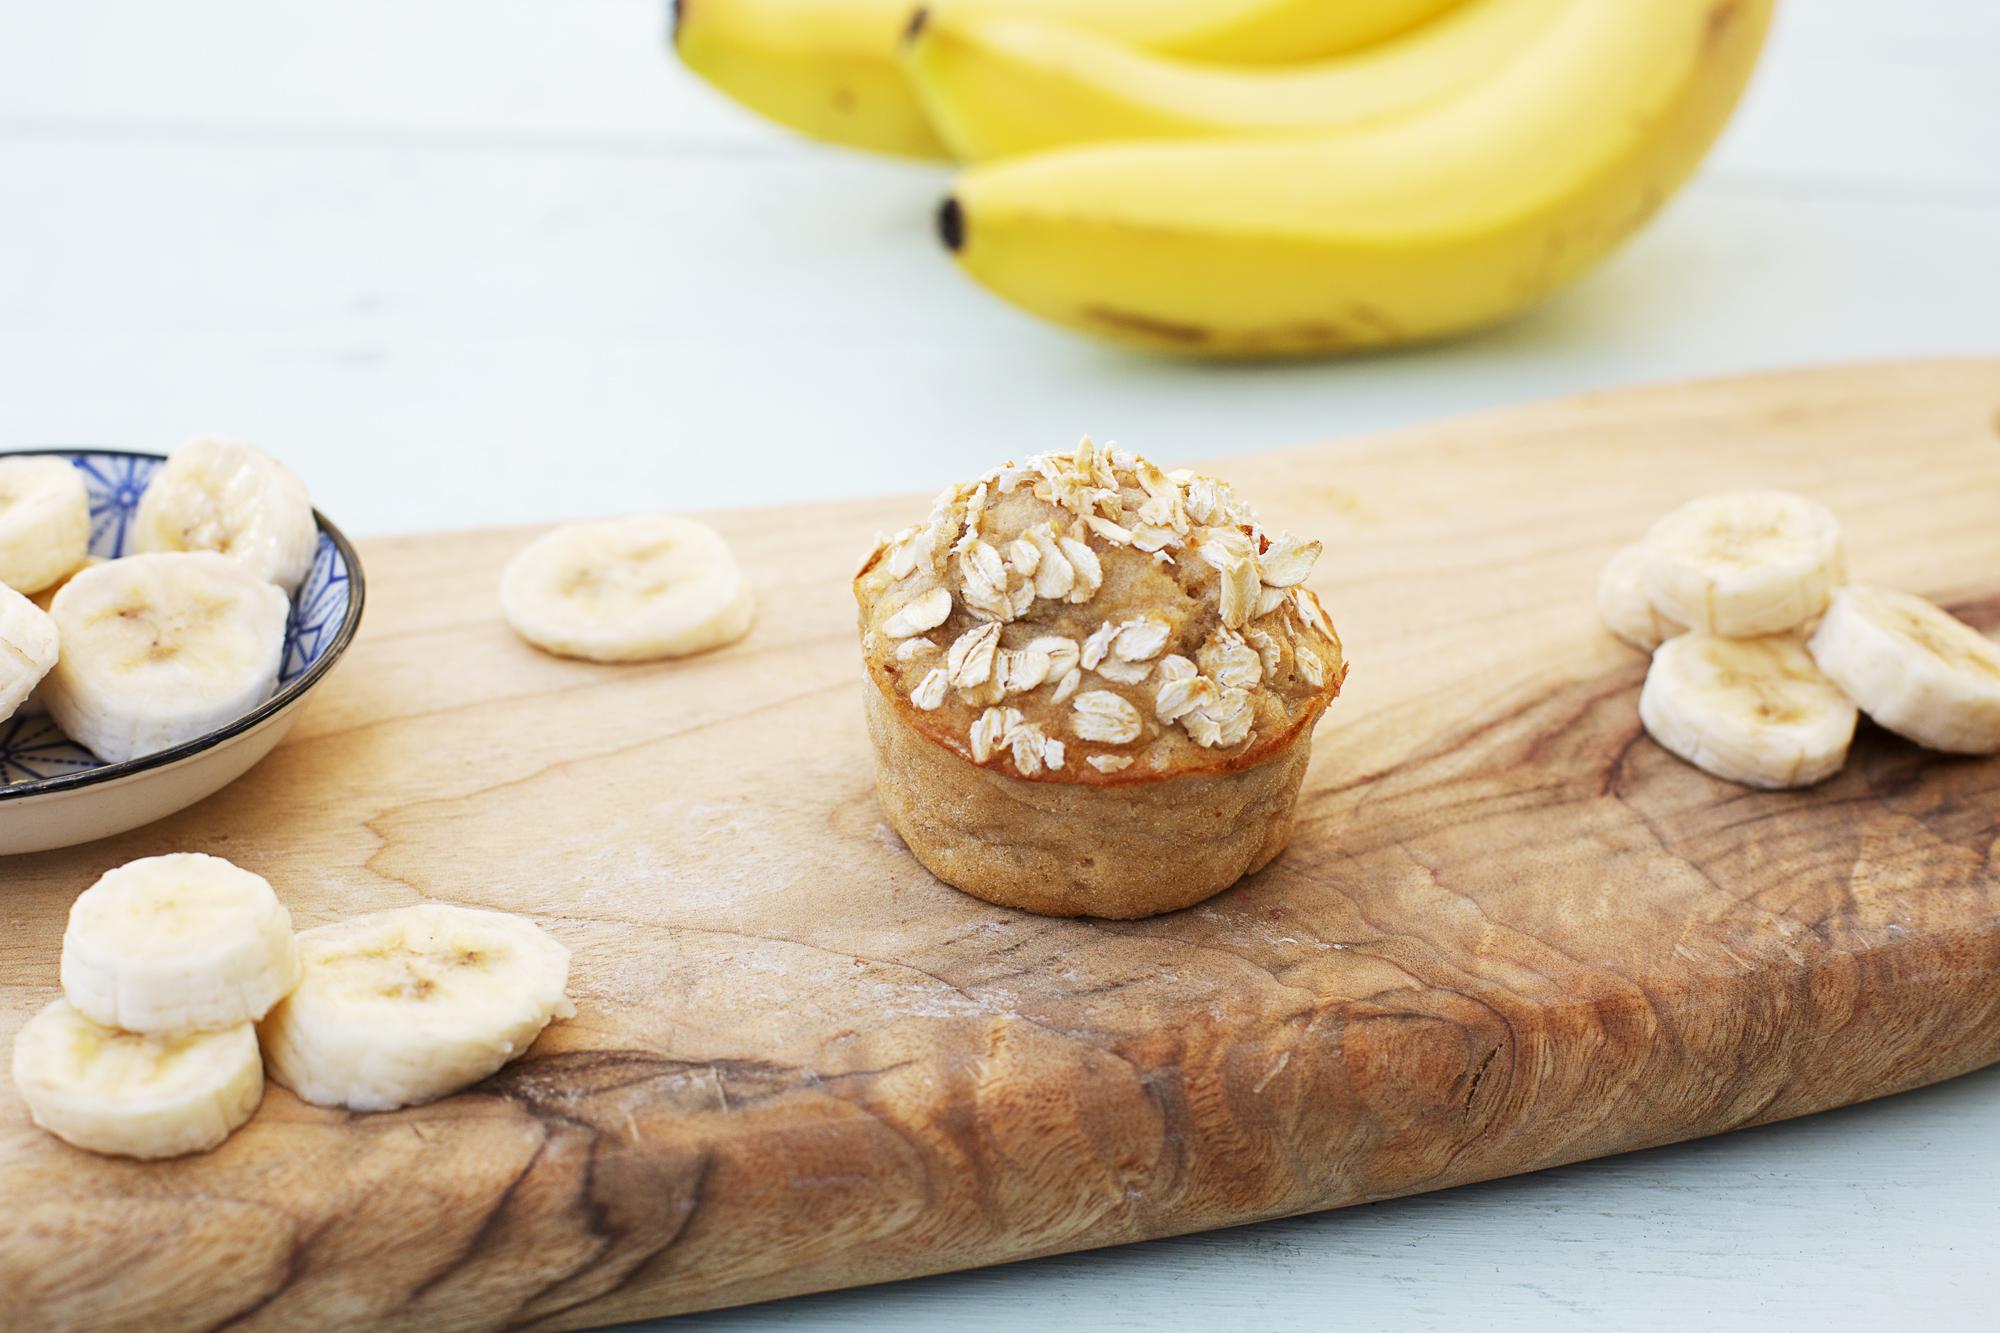 620. Banana Cinnamon Muffin